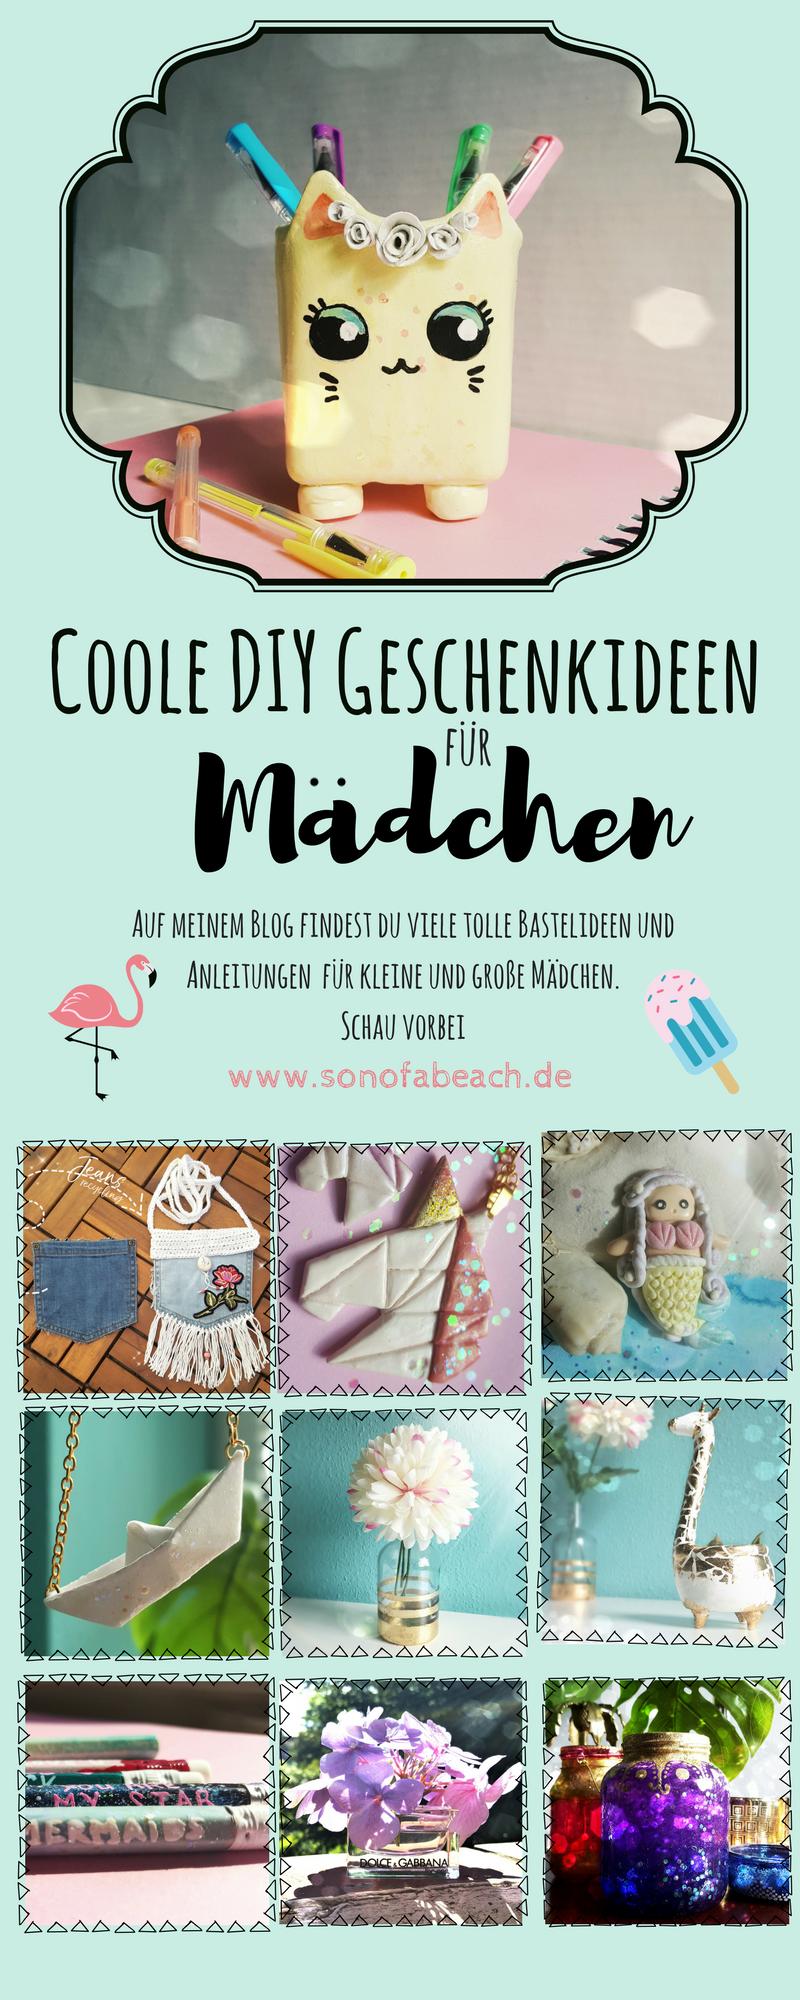 Diy Coole Geschenkideen Zum Selbermachen Fur Madchen To Make